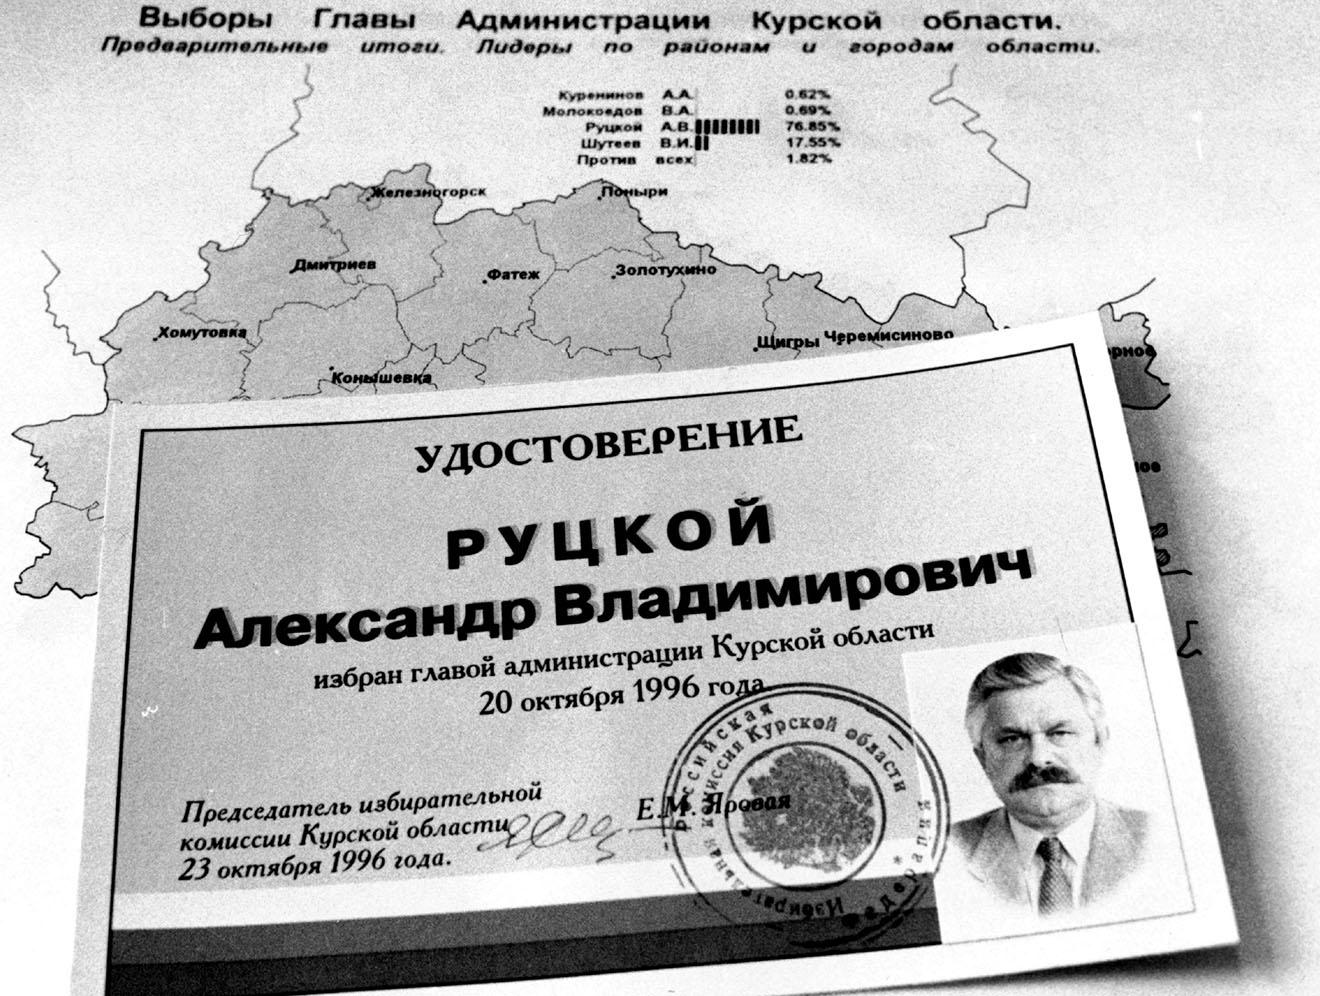 Удостоверение Александра Руцкого, 1996 год.